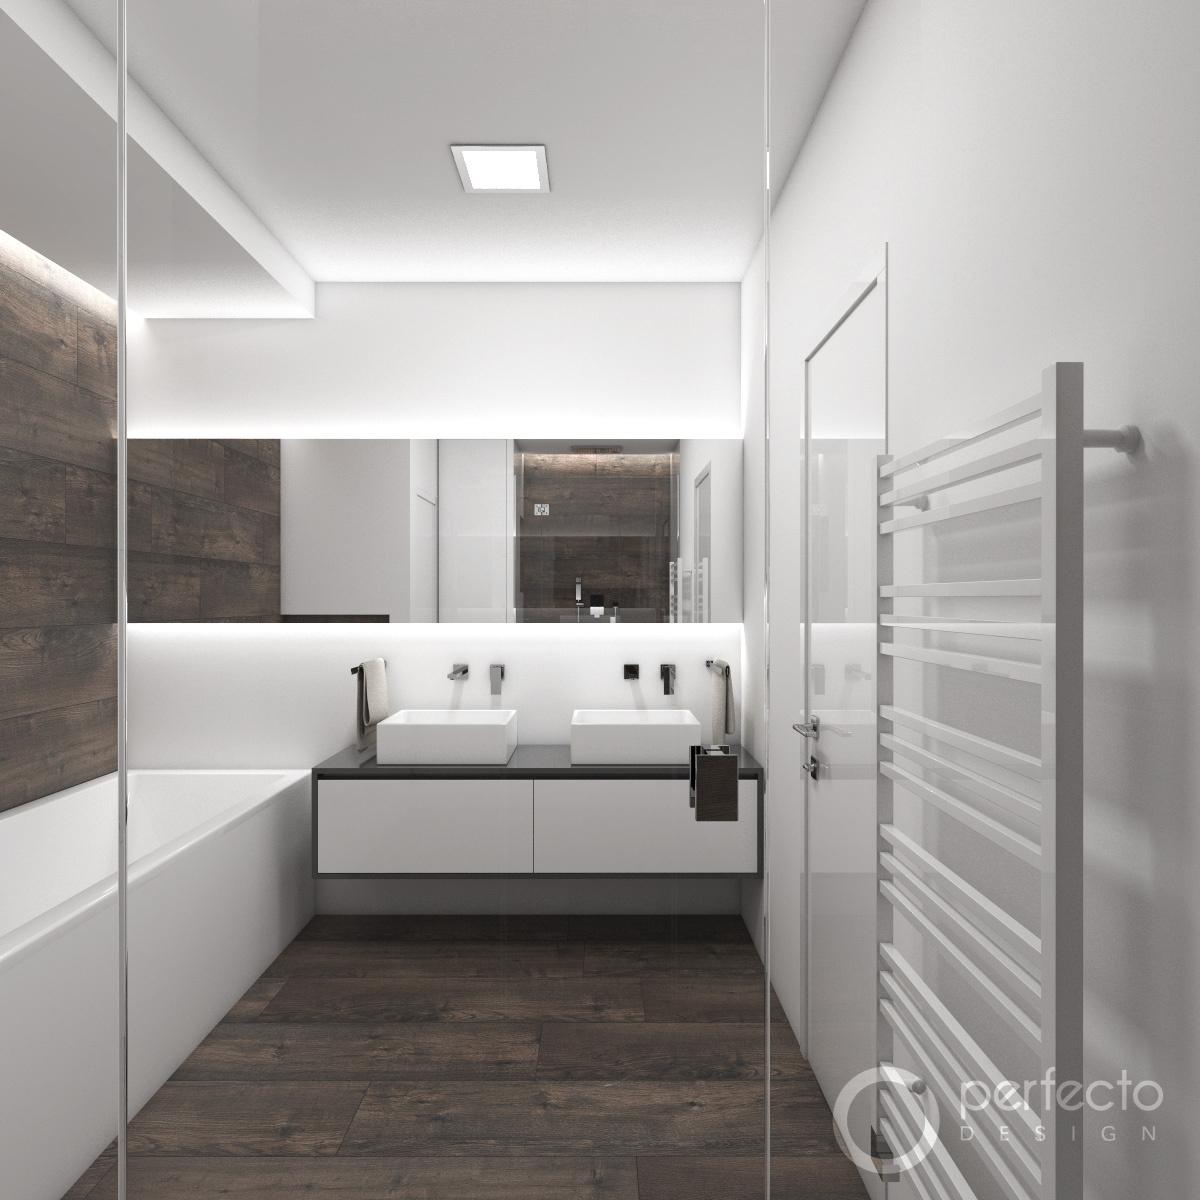 Modernes Badezimmer ICELAND - Visualisierung